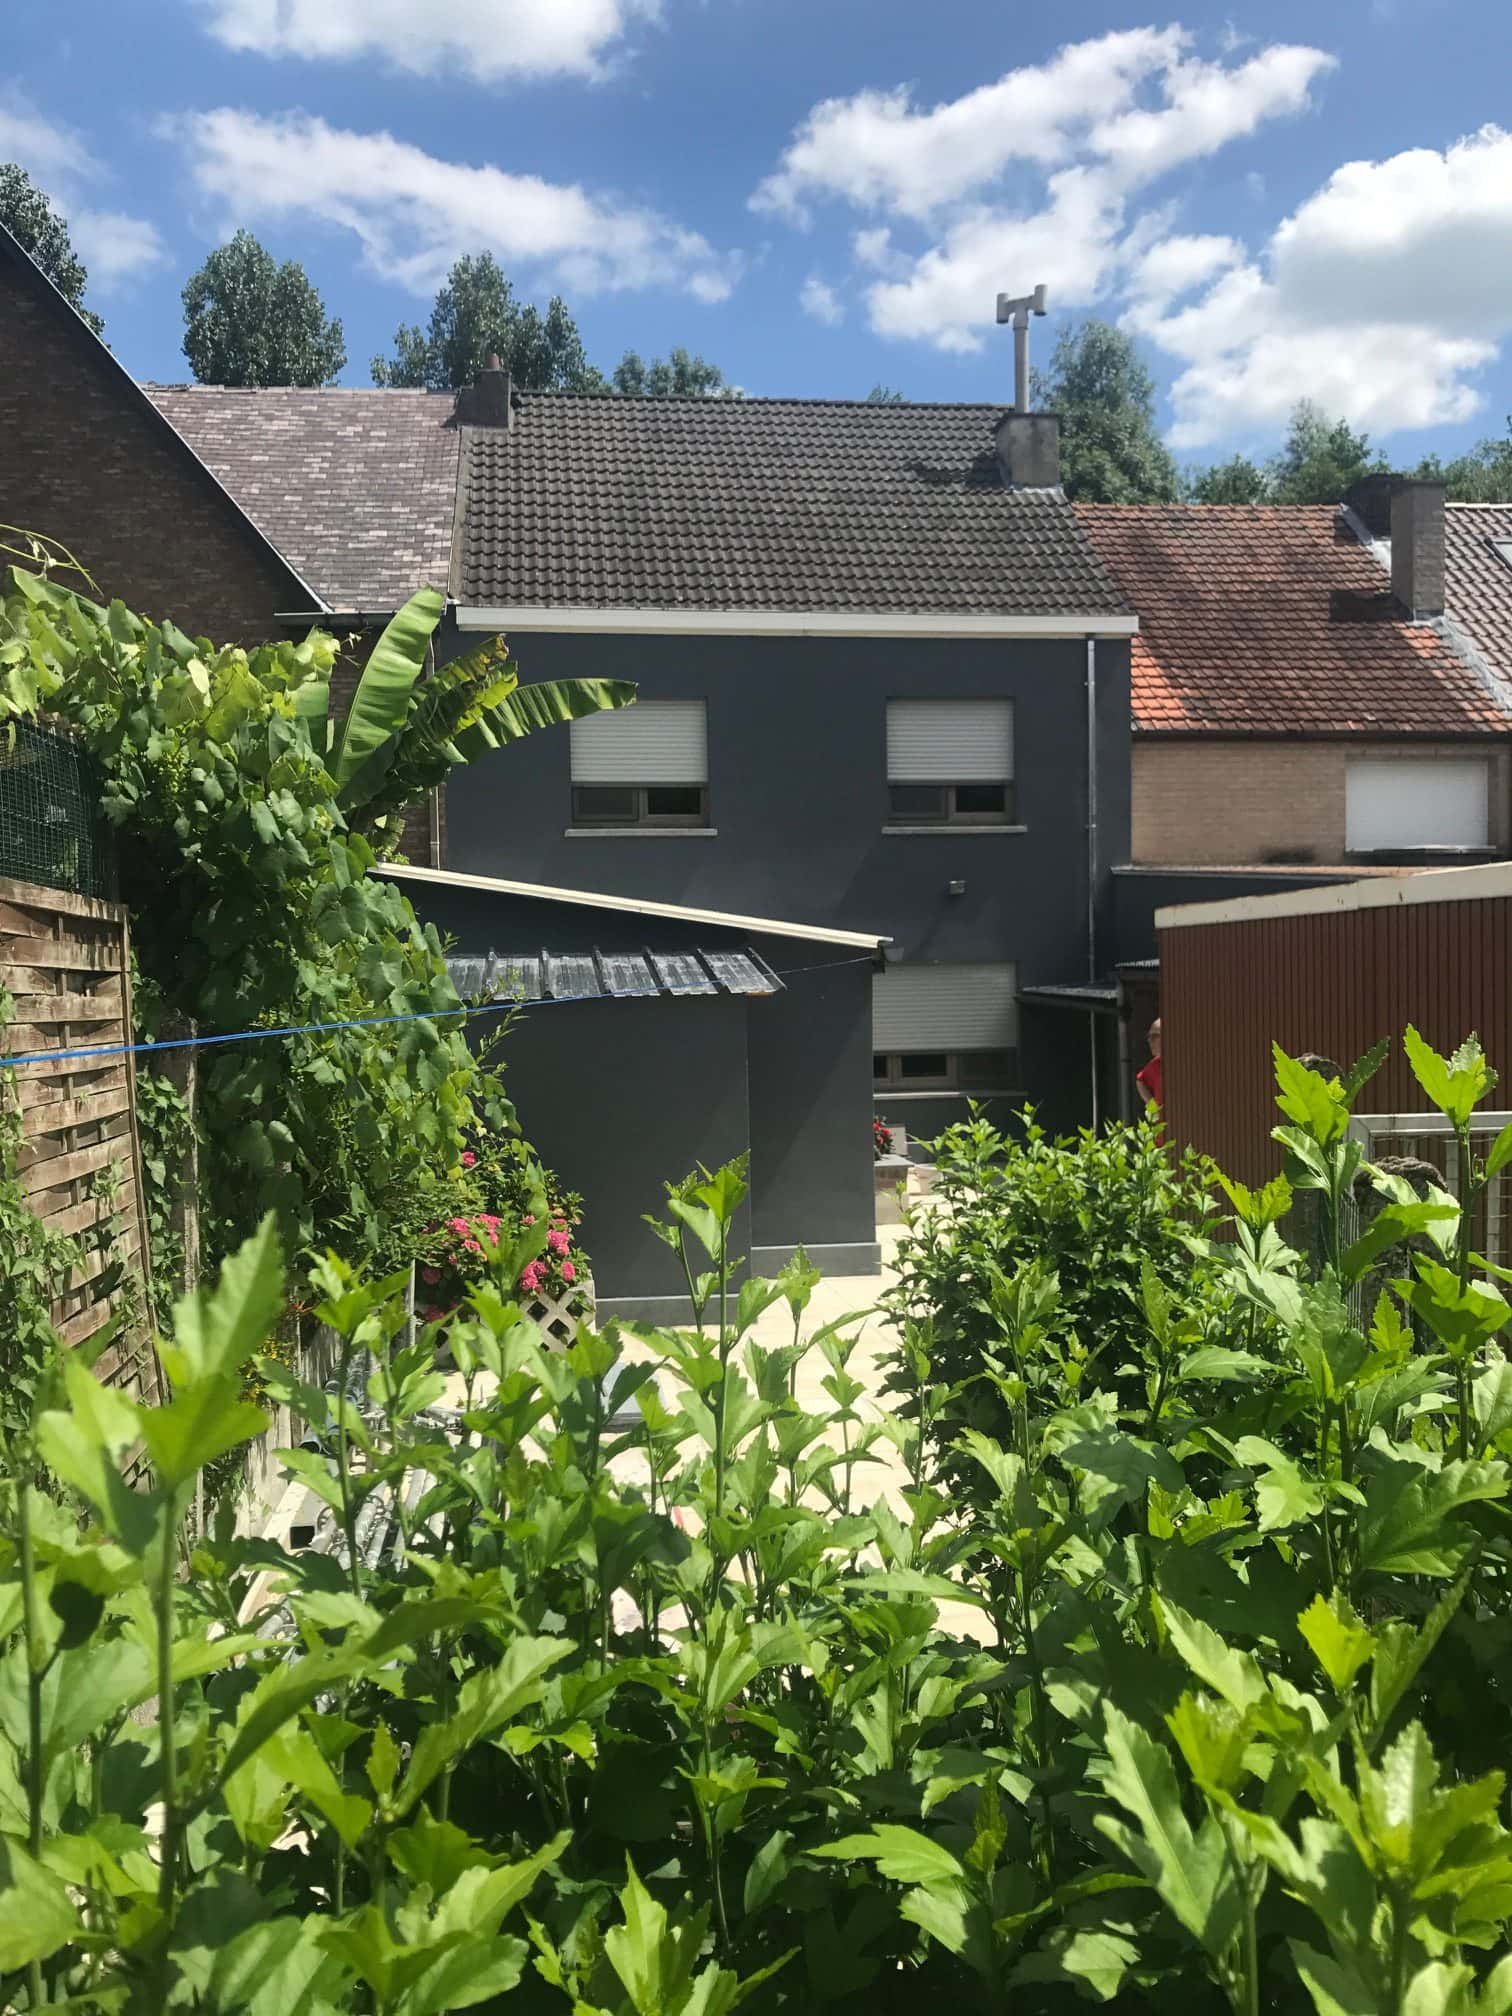 Rijhuis renovatie van gevels en buitenbepleistering te Aalst Tony Boel